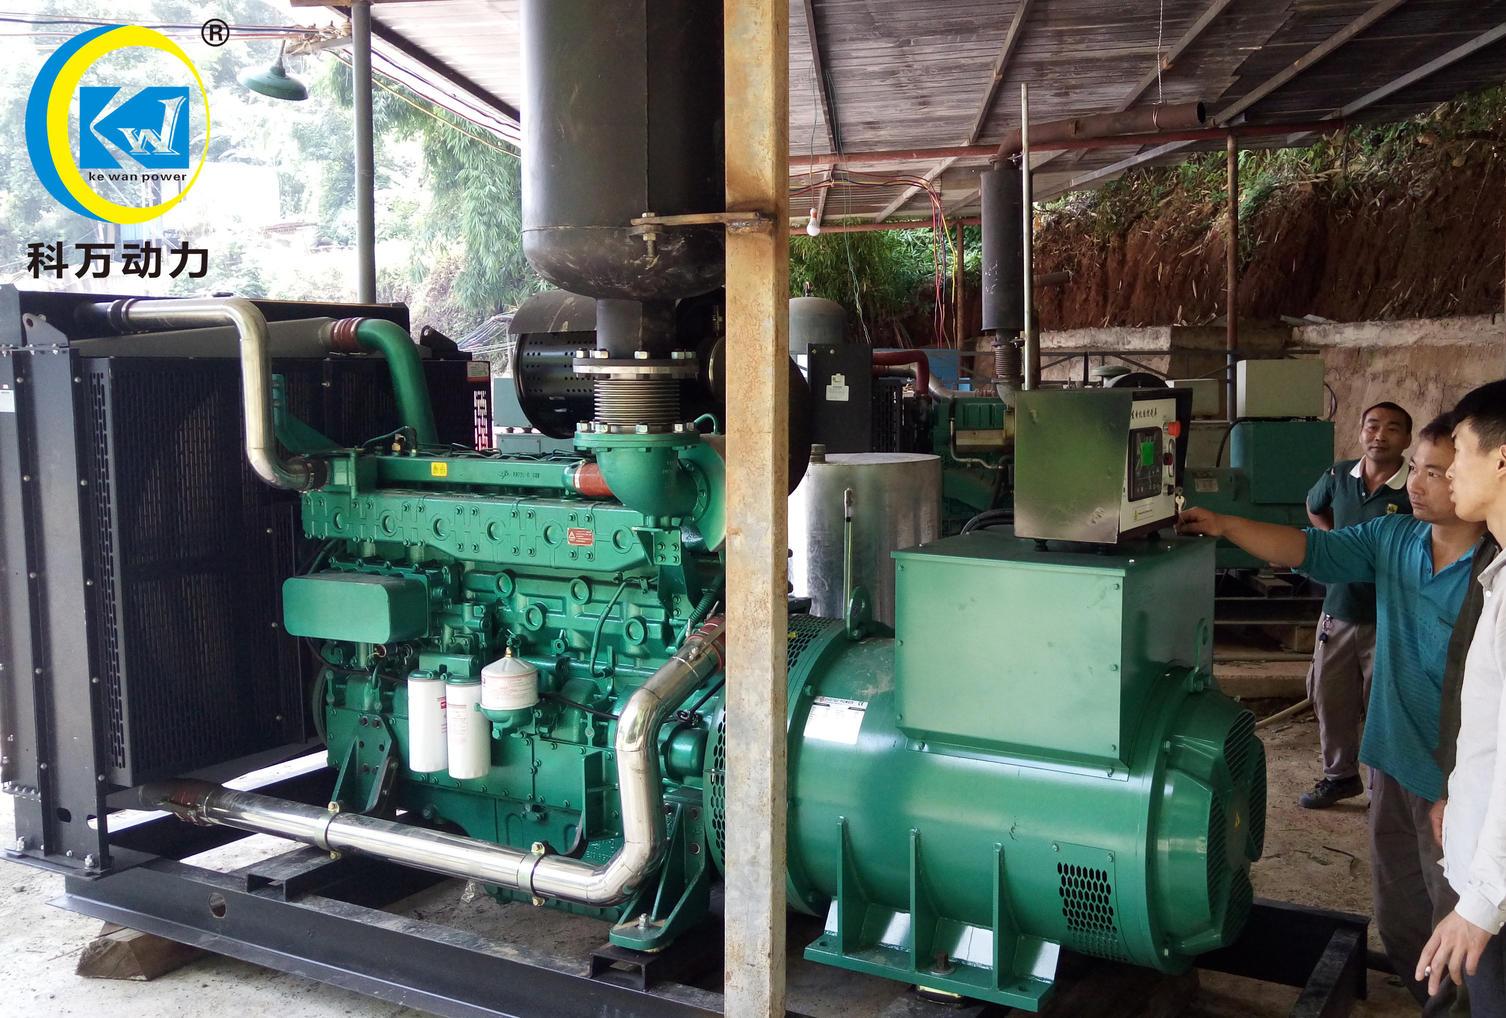 石屏县某铅矿公司采用玉柴600kw发电机组